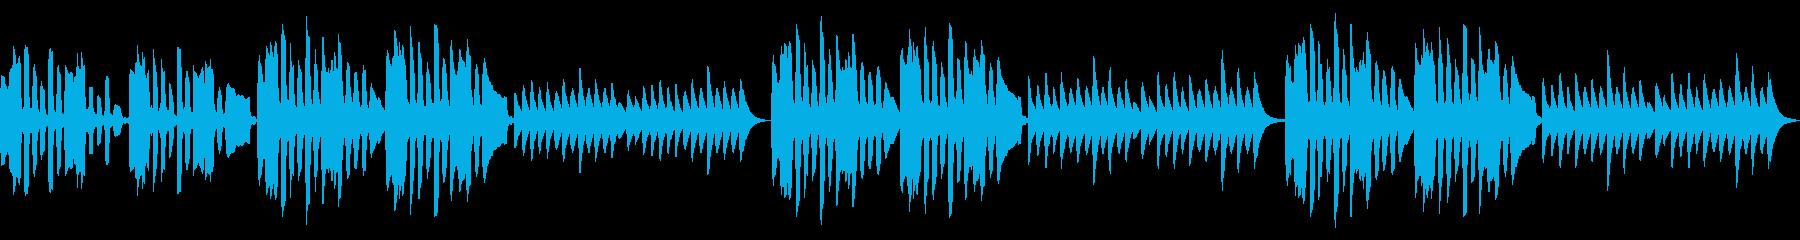 リコーダーとマリンバのコミカルなループ曲の再生済みの波形